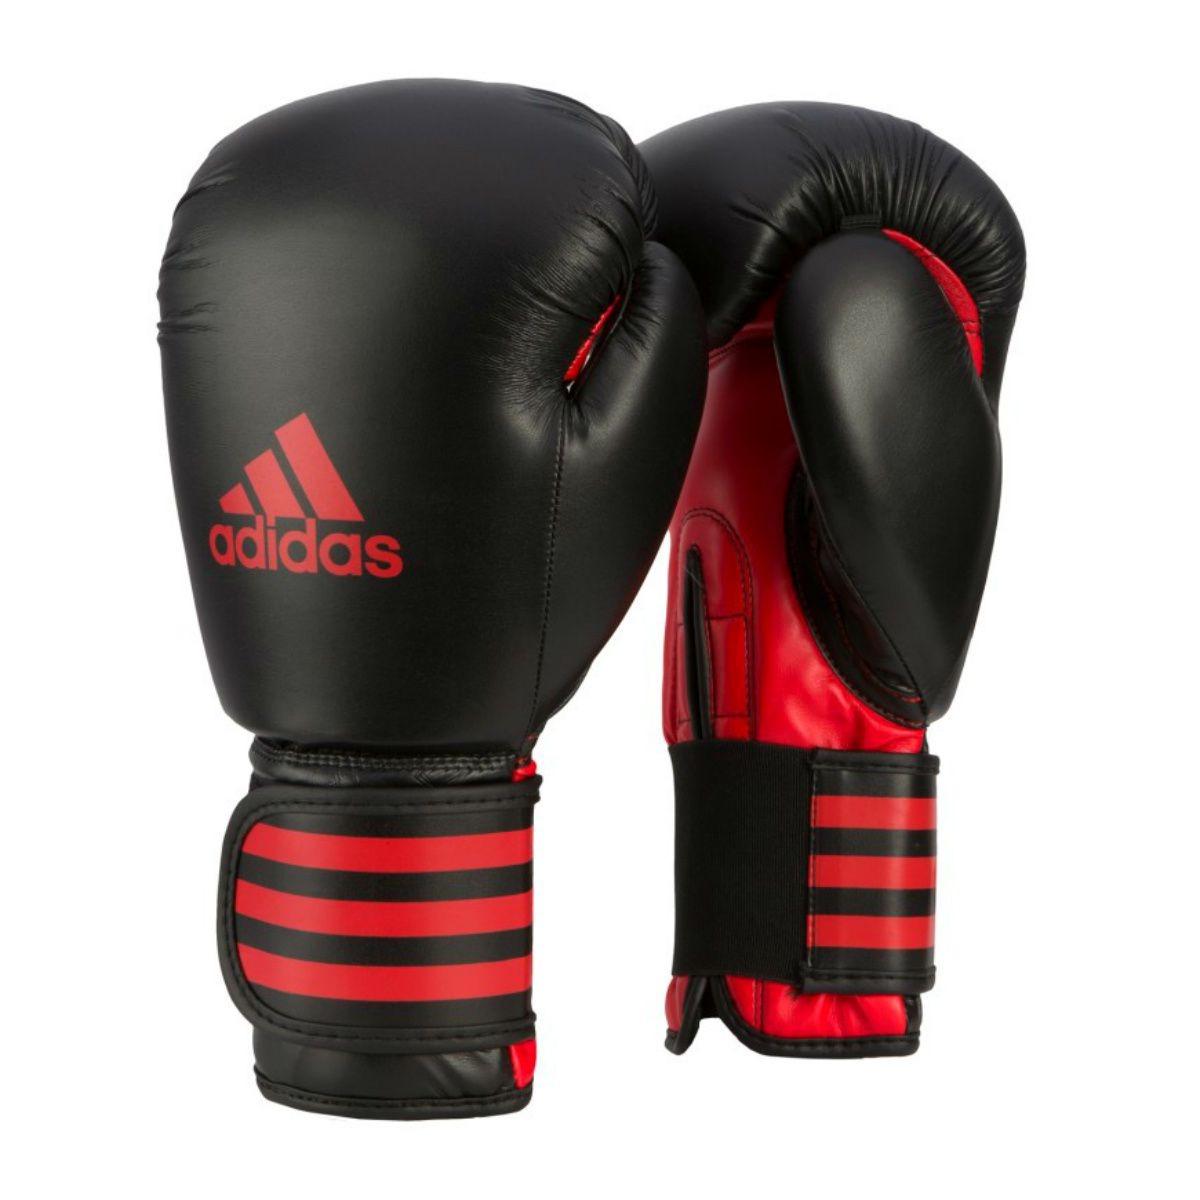 f85db7172 luva de boxe adidas power 100 preto vermelho. Carregando zoom.